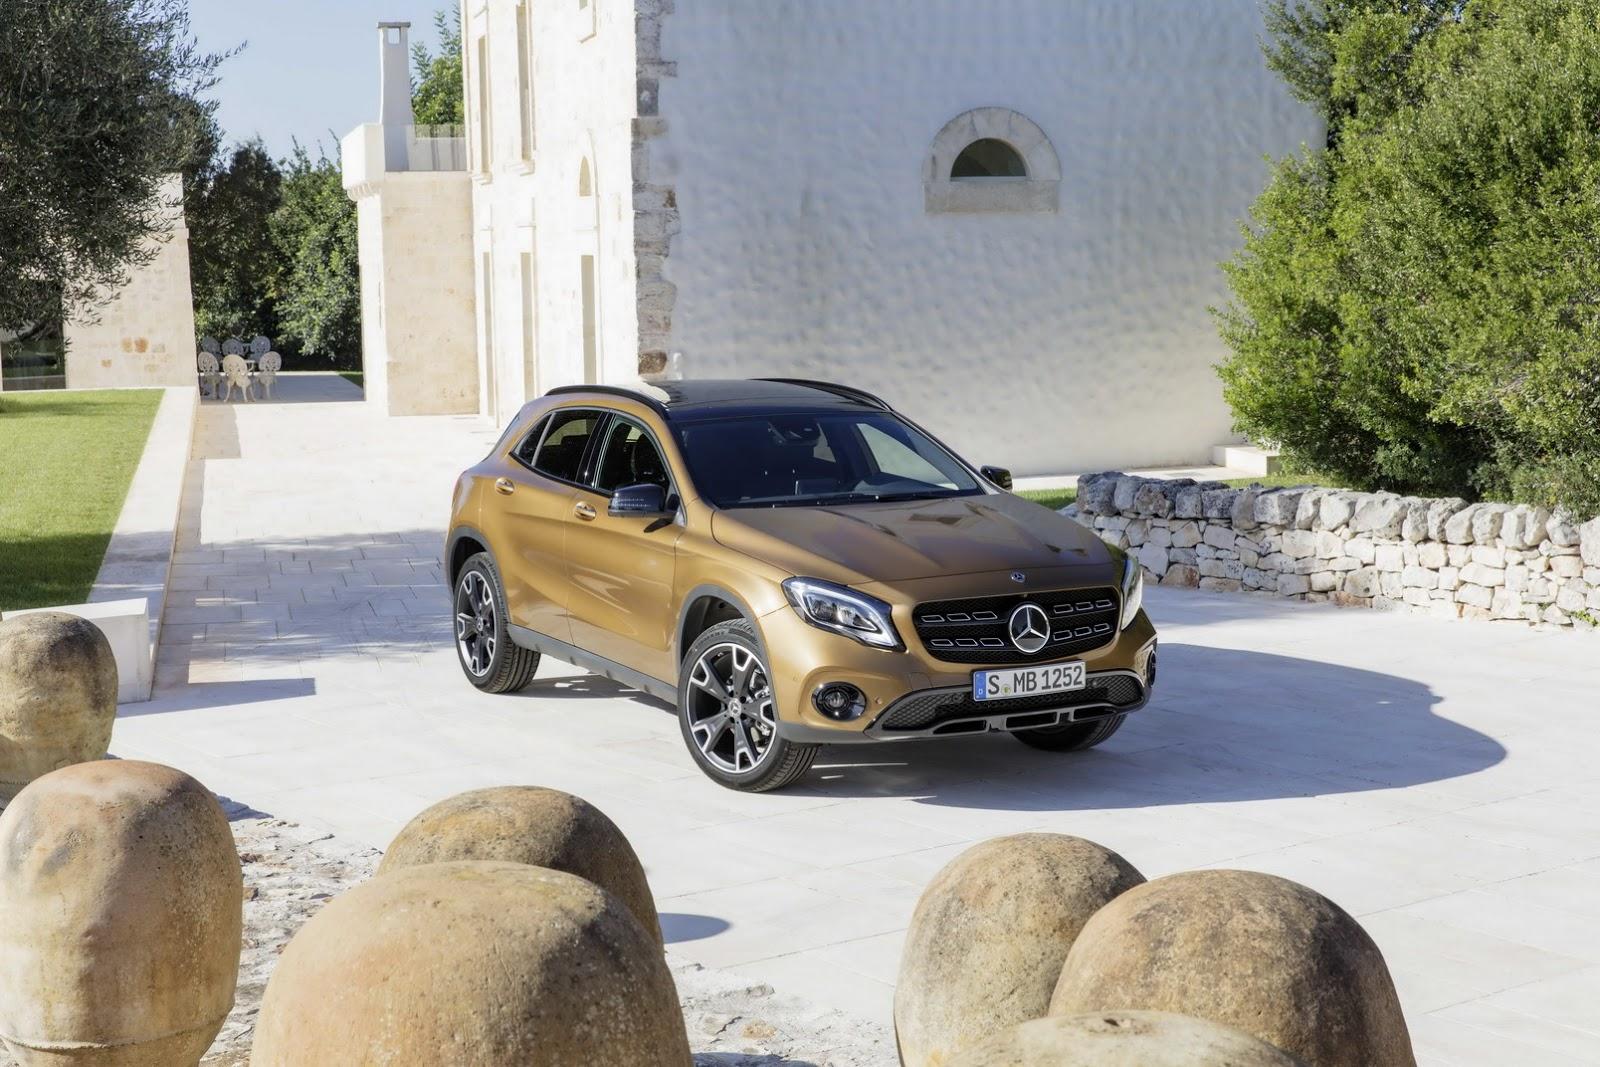 Mercedes GLA facelift and GLA 45 AMG facelift 2017 (51)